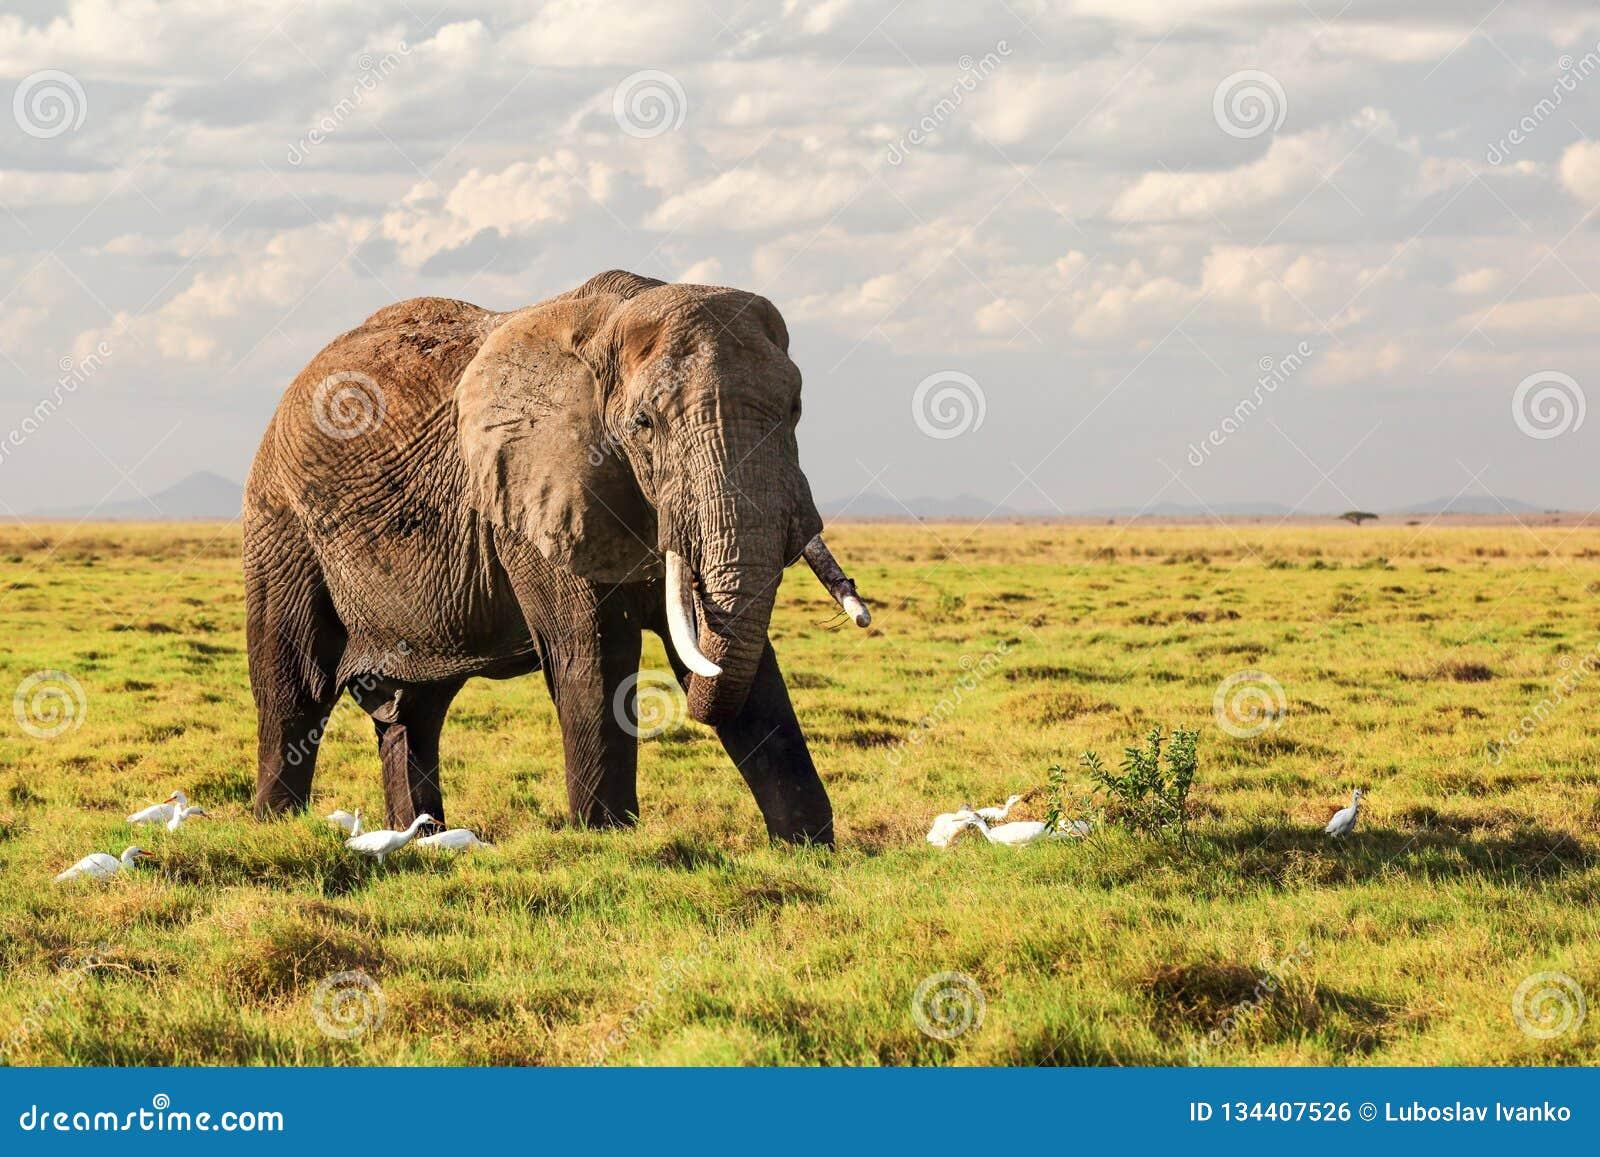 Africana africano do Loxodonta do elefante do arbusto que anda na grama no savana, pássaros brancos da garça-real em torno de seu